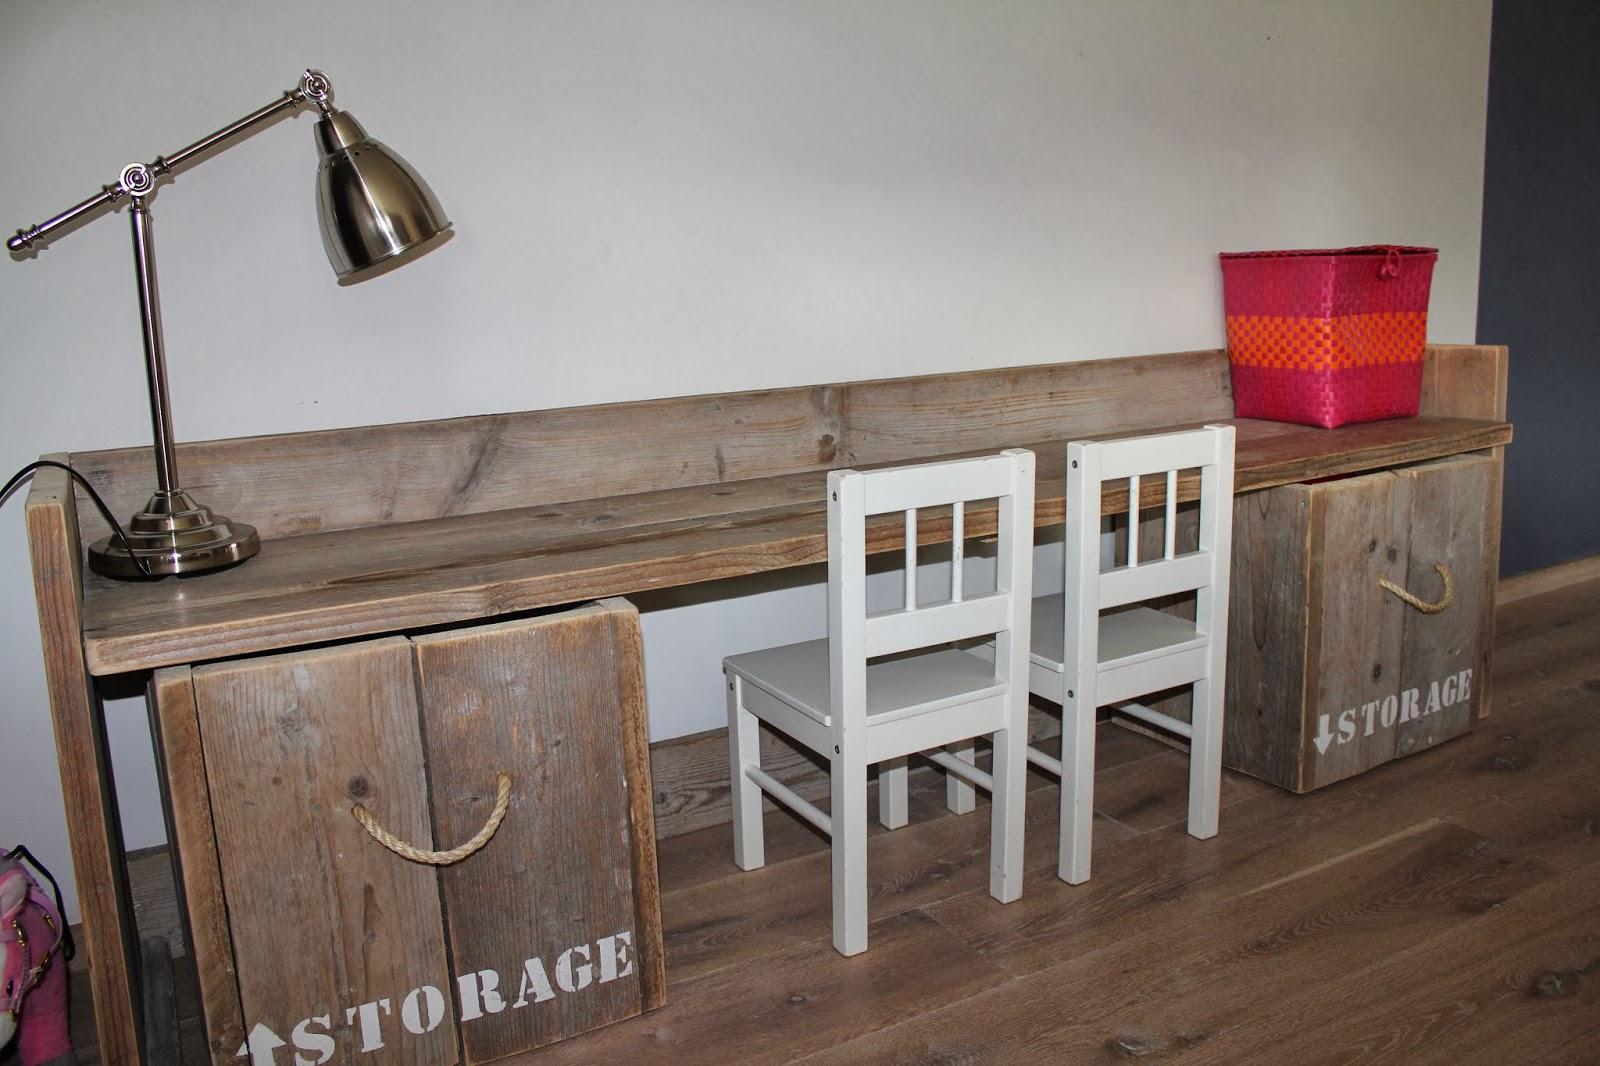 Inrichting Woonkamer Steigerhout : Inspiratie woonkamer steigerhout referenties op huis ontwerp